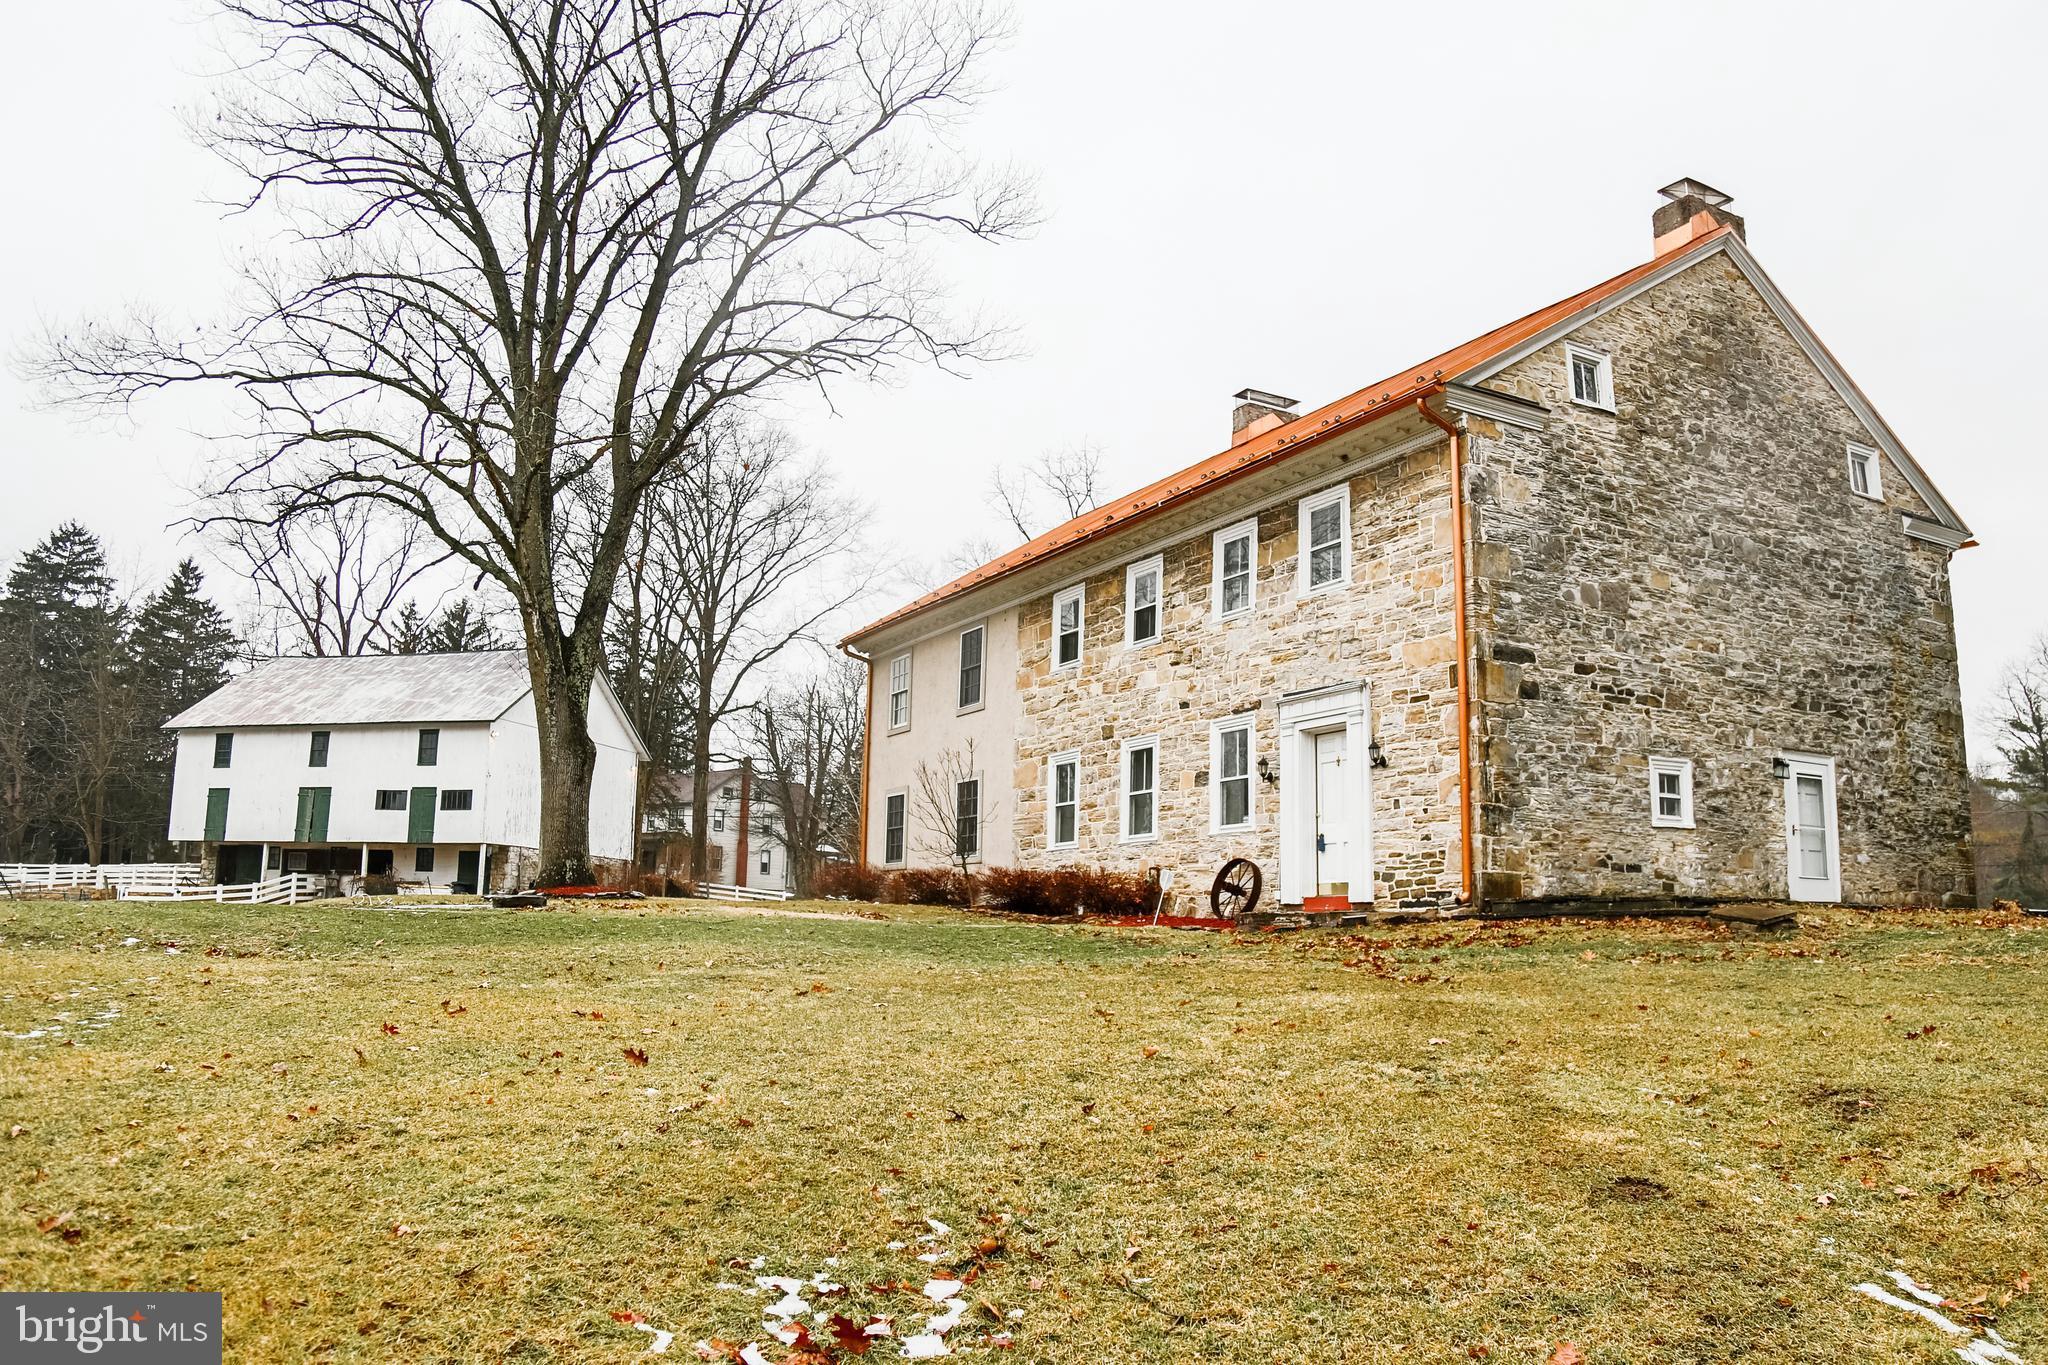 1317 PAXTON CHURCH ROAD, HARRISBURG, PA 17110